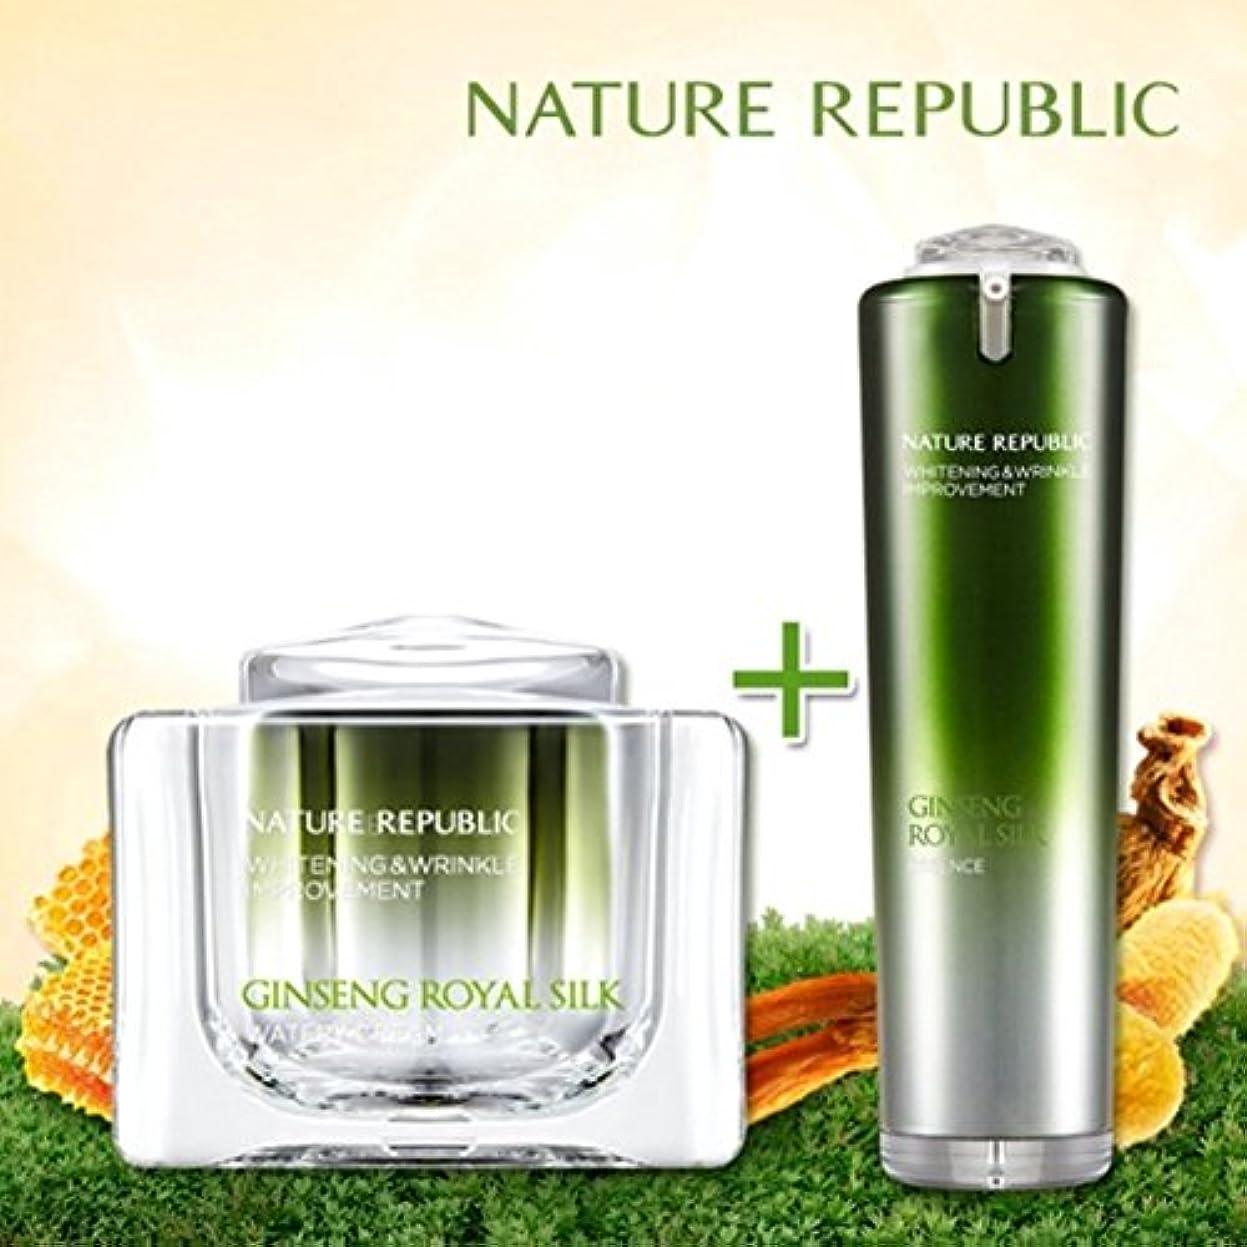 子音後世切り離すNATURE REPUBLIC/高麗人参ロイヤルシルクウォーターリークリーム+エッセンス Nature Republic、Ginseng Royal silk Watery Cream+Essence(海外直送品)